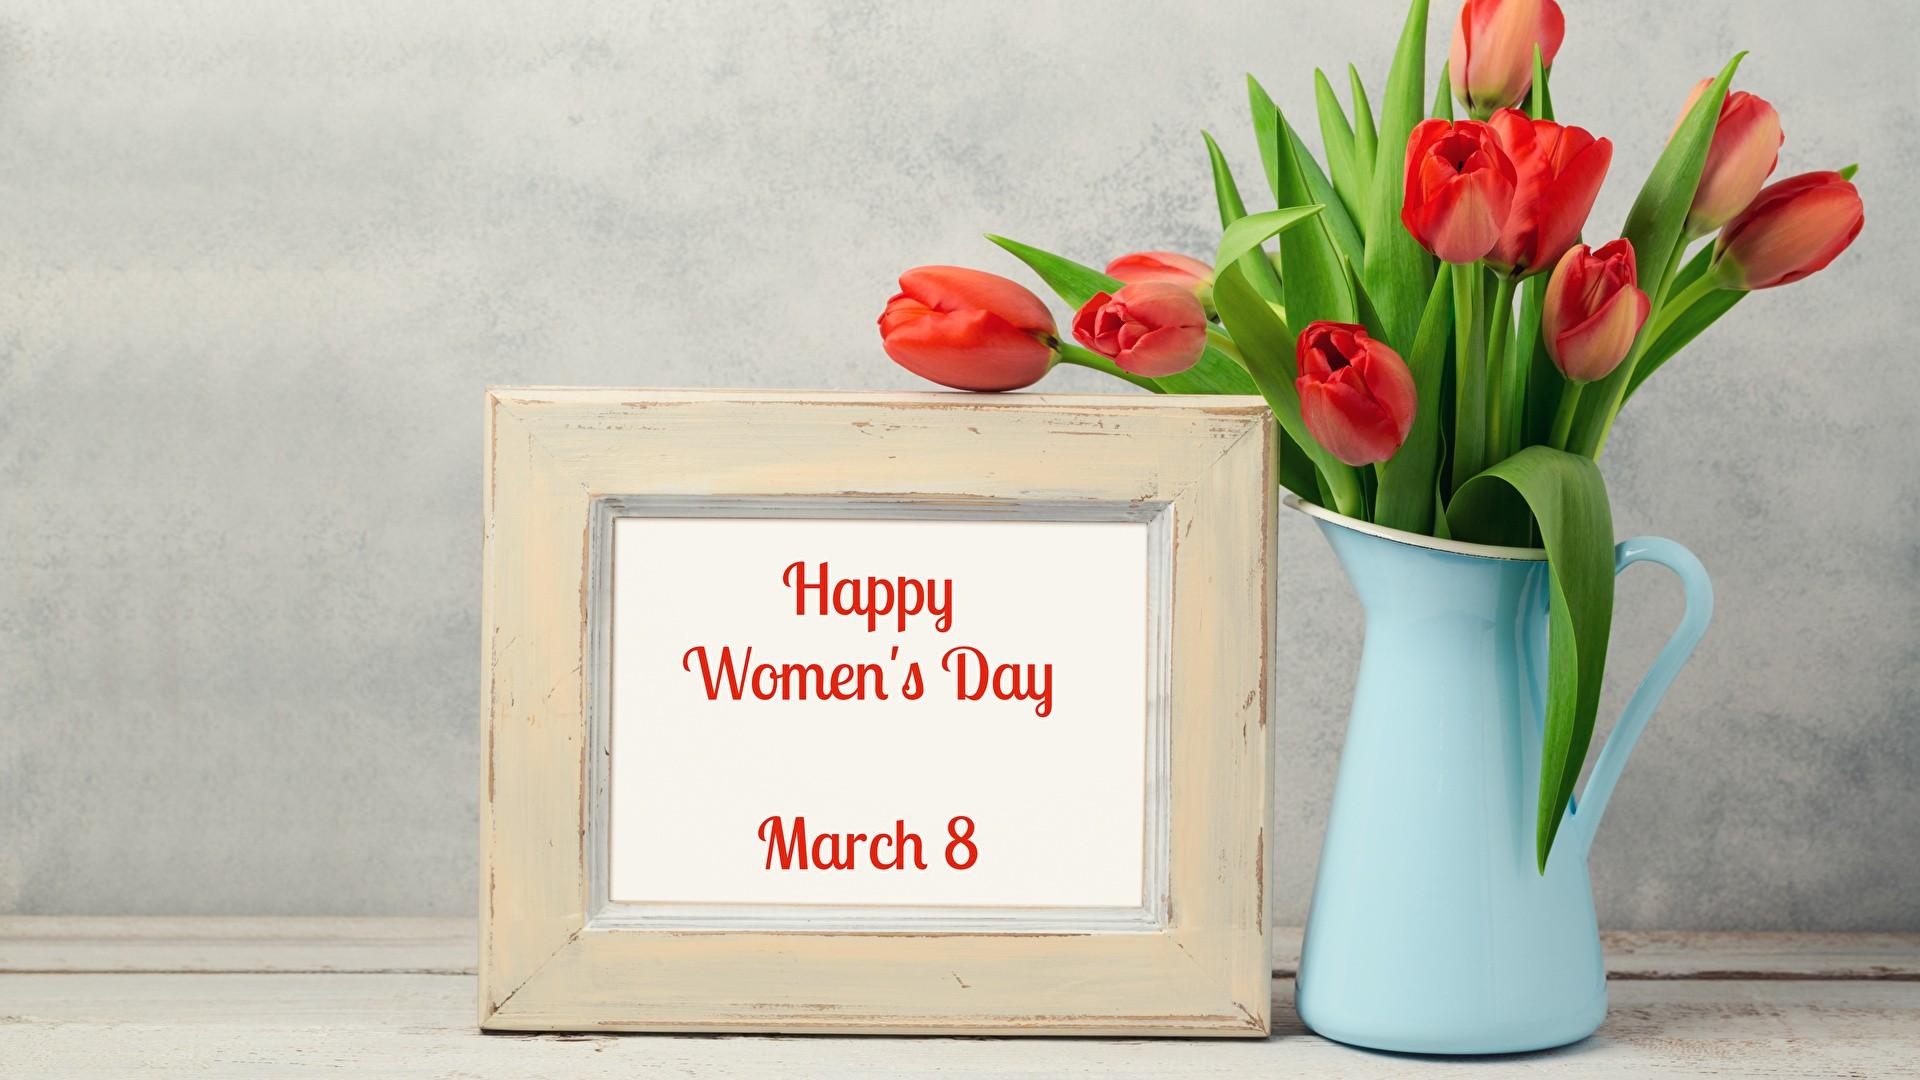 Happy Women's Day free hd wallpaper